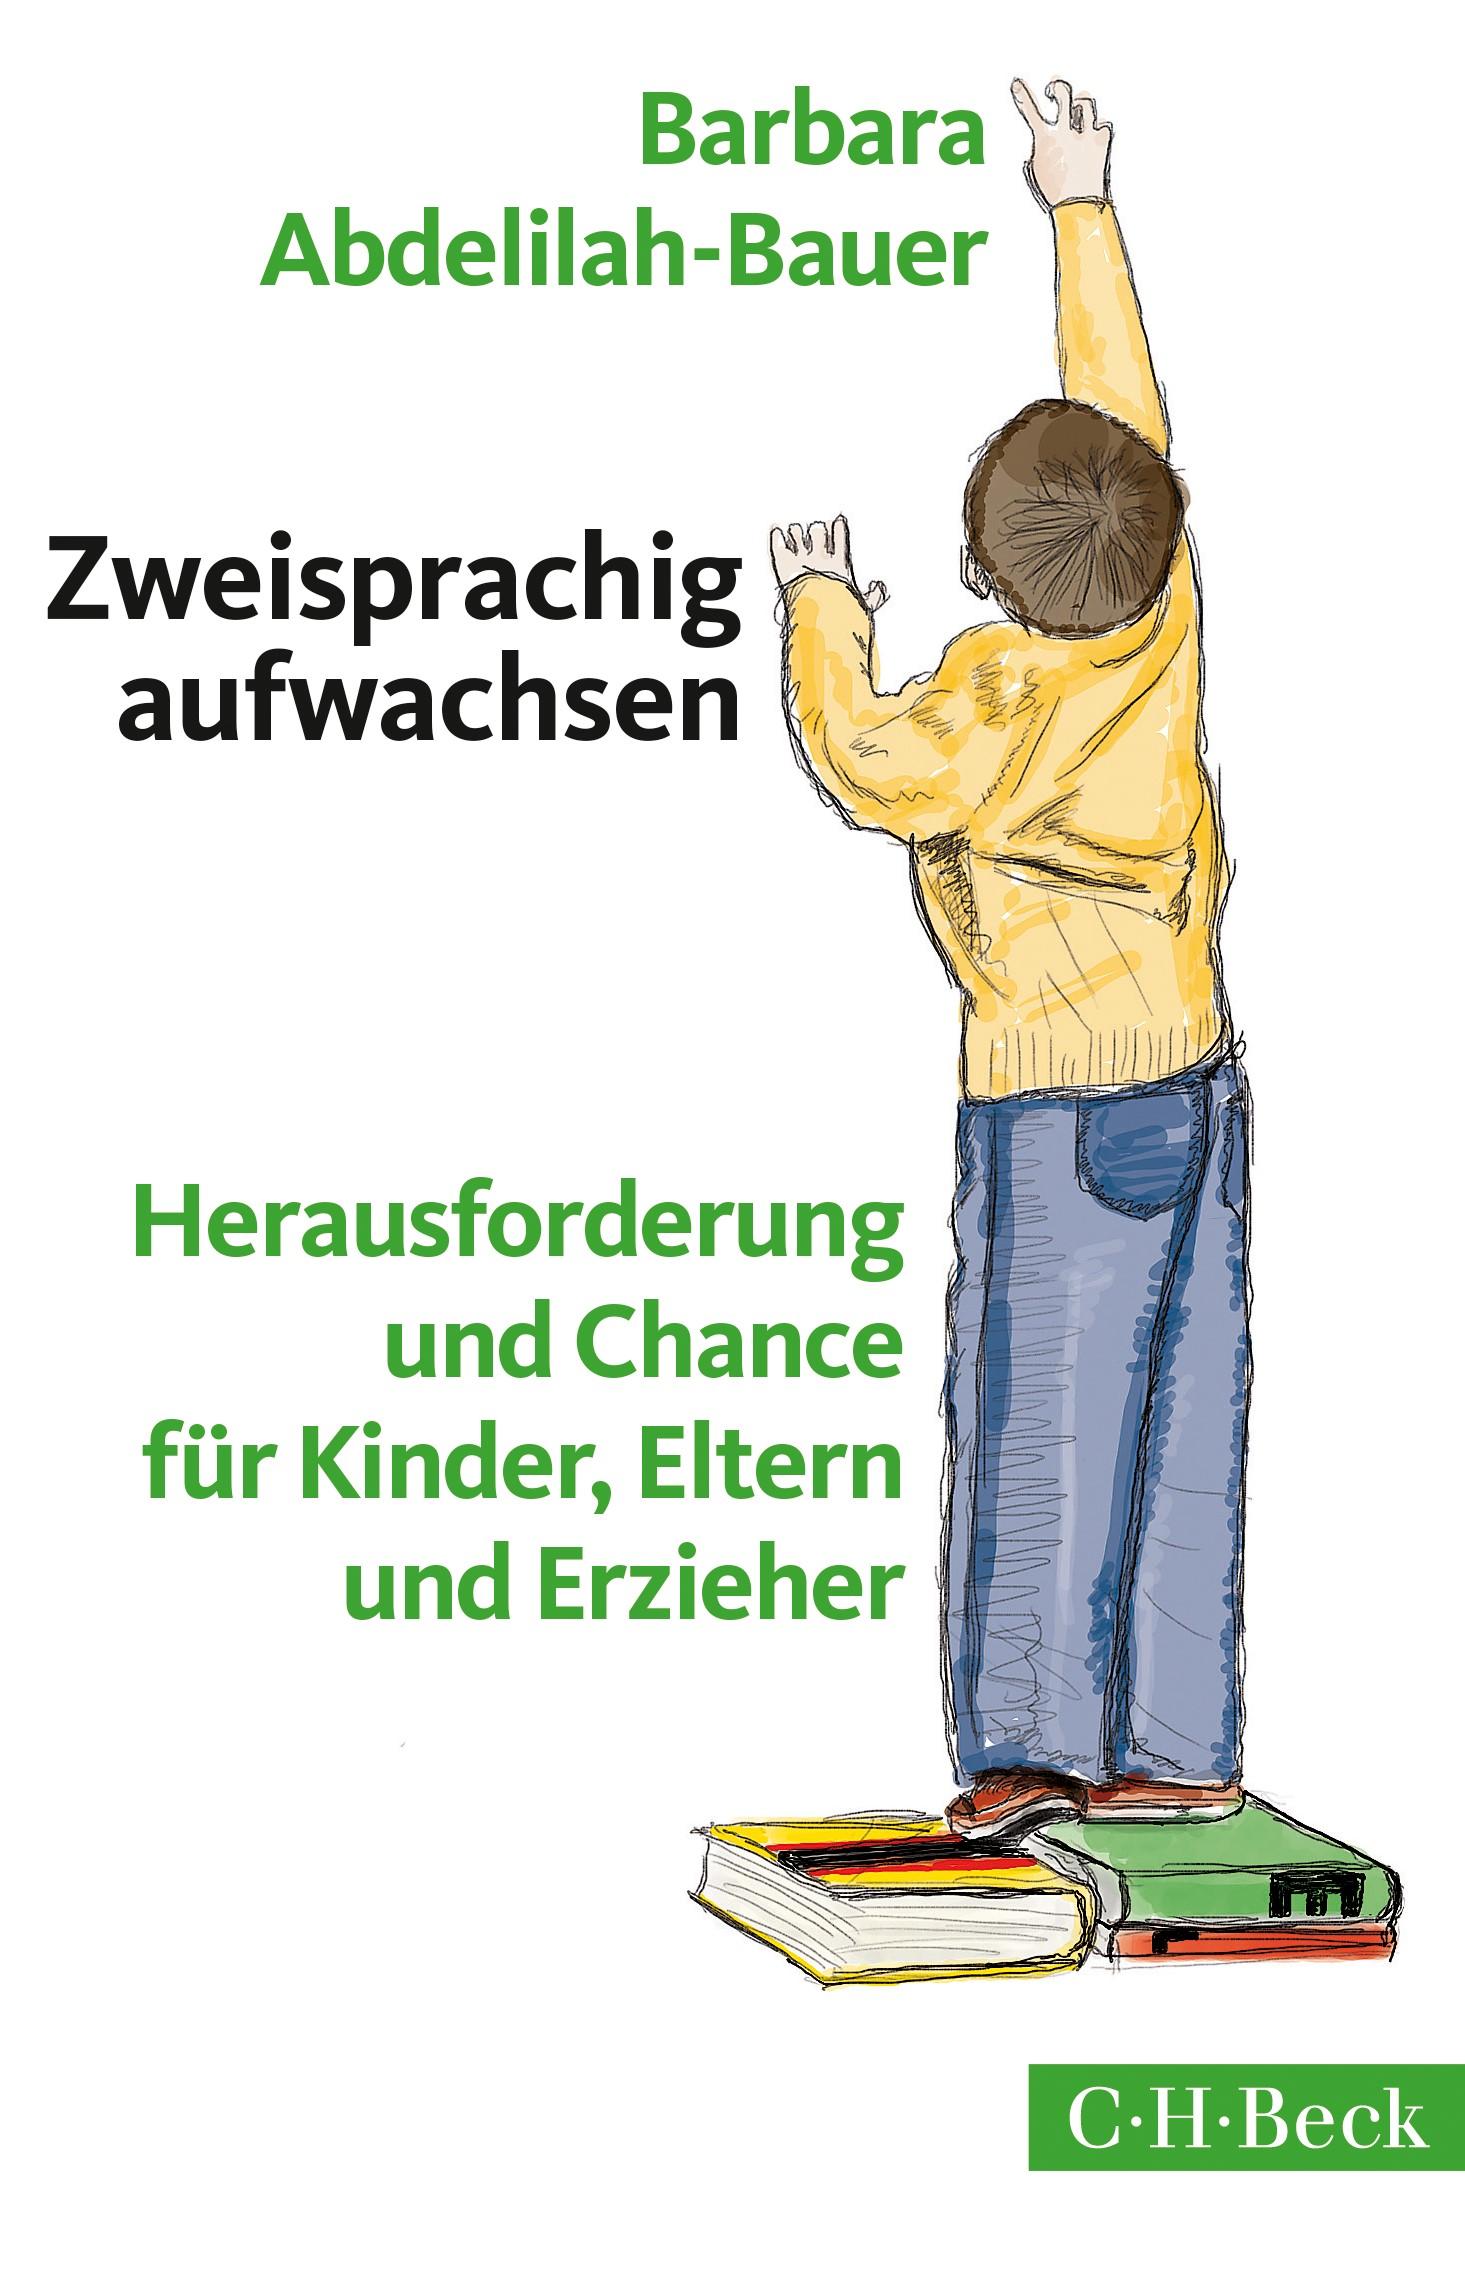 Zweisprachig aufwachsen | Abdelilah-Bauer, Barbara | 3., aktualisierte Auflage | Buch (Cover)